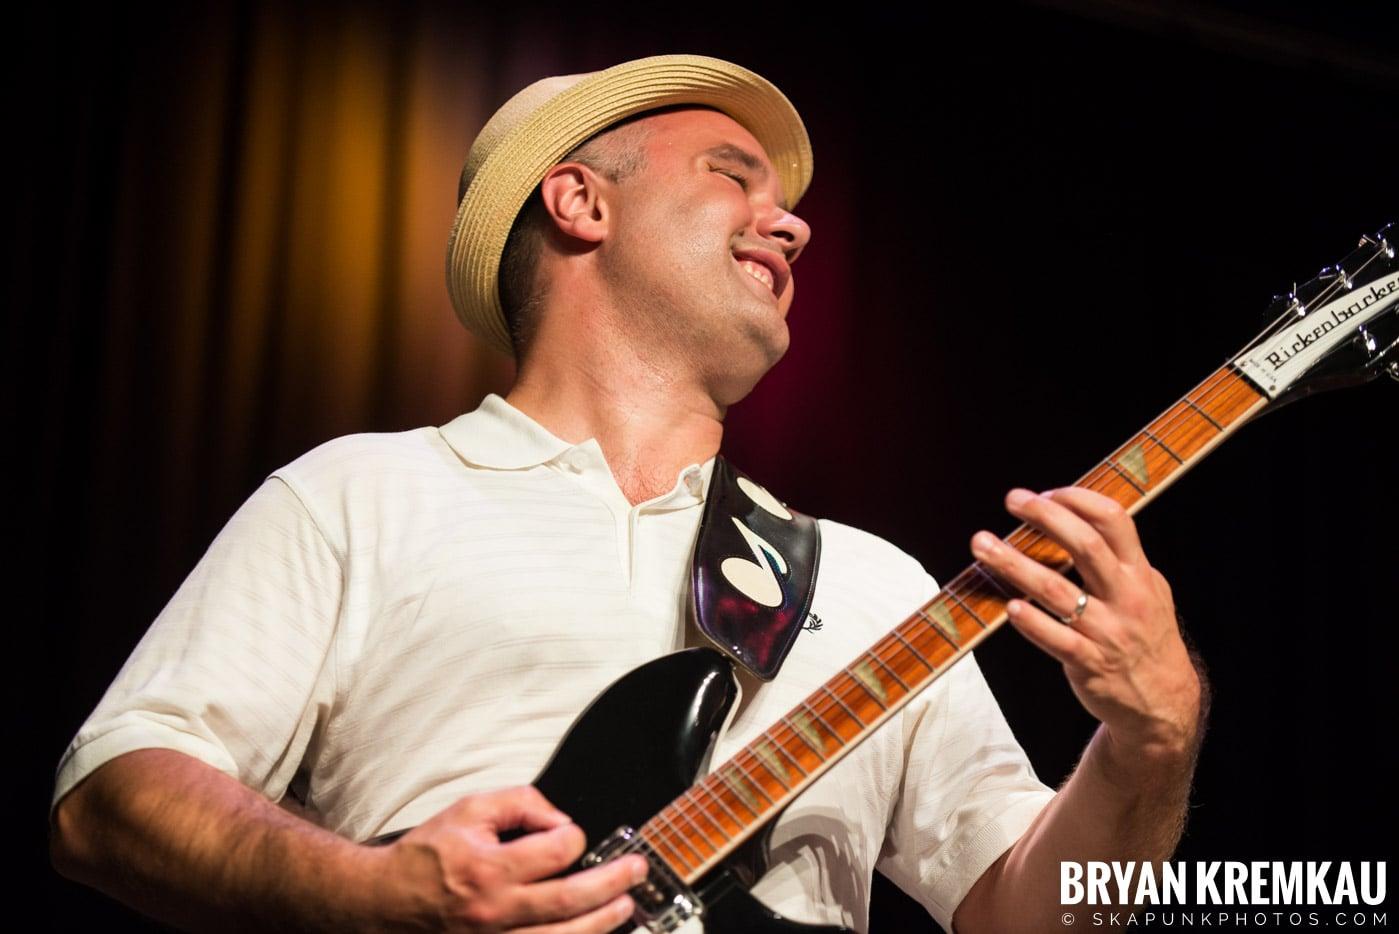 Rude Boy George @ Oskar Schindler Performing Arts Center, West Orange, NJ - 8.19.17 (33)